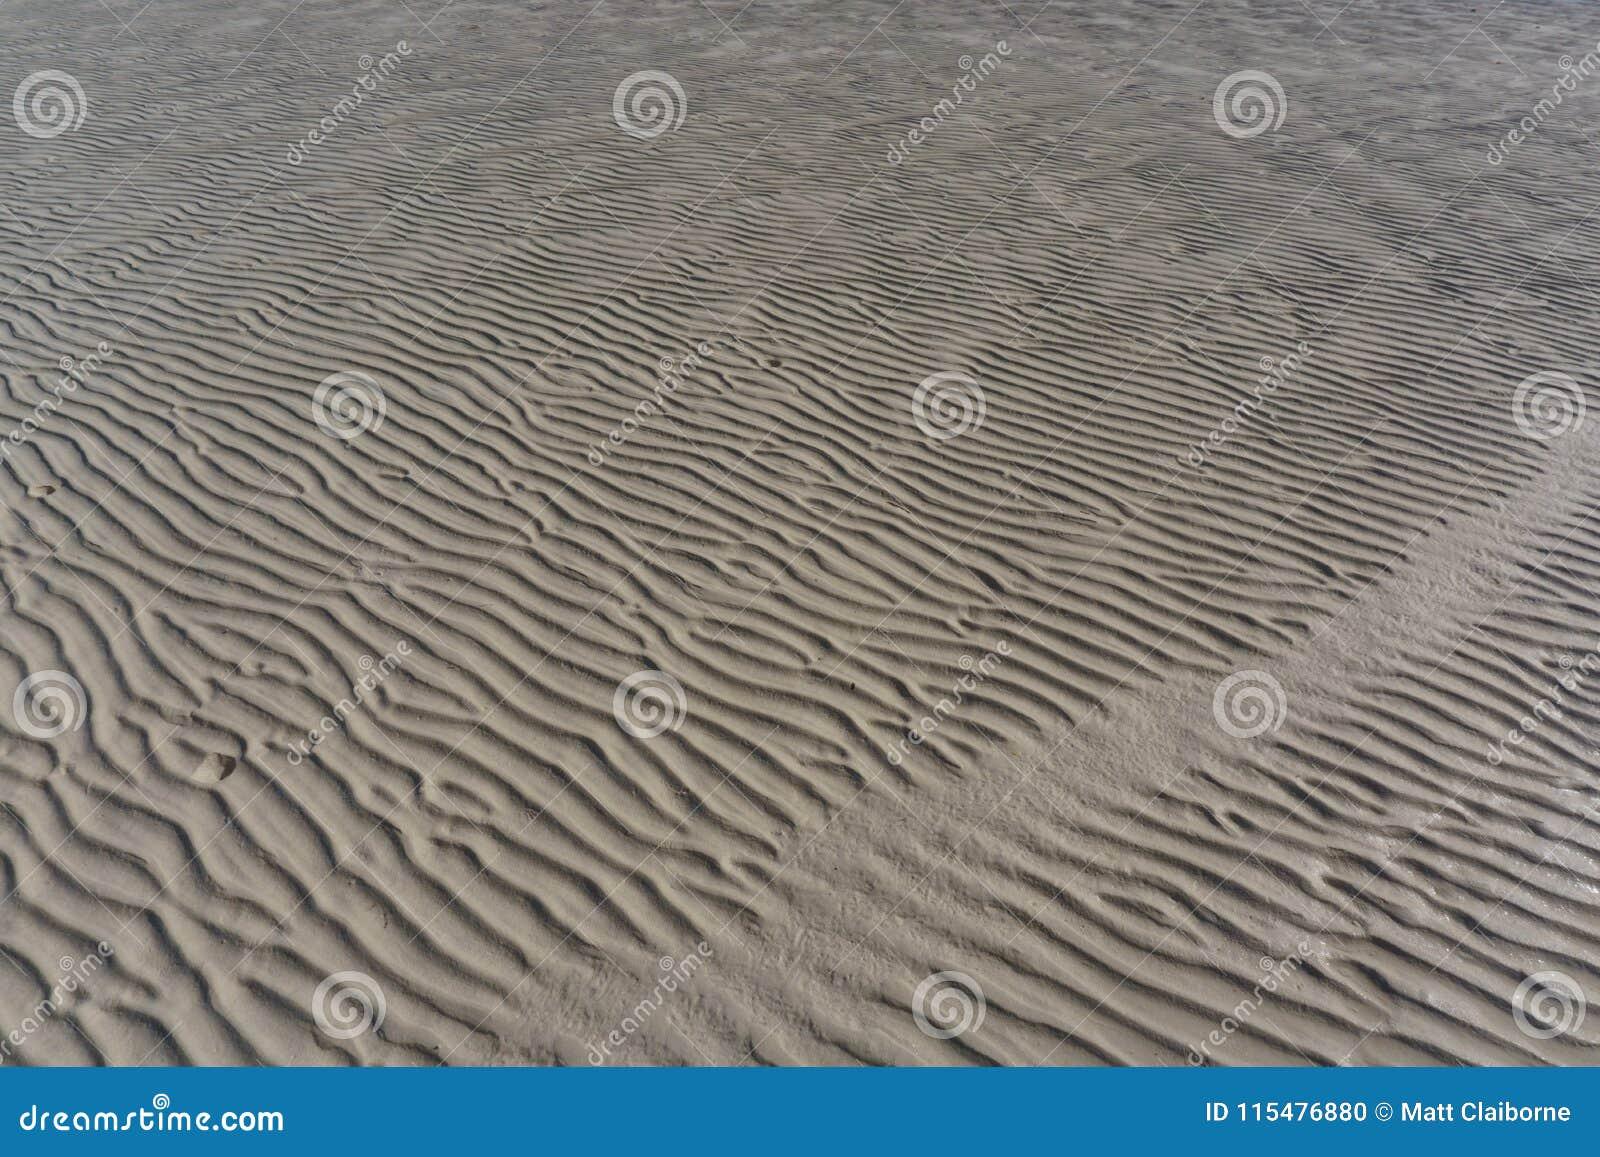 Textured piasek Pluskocze przy Niskim przypływem